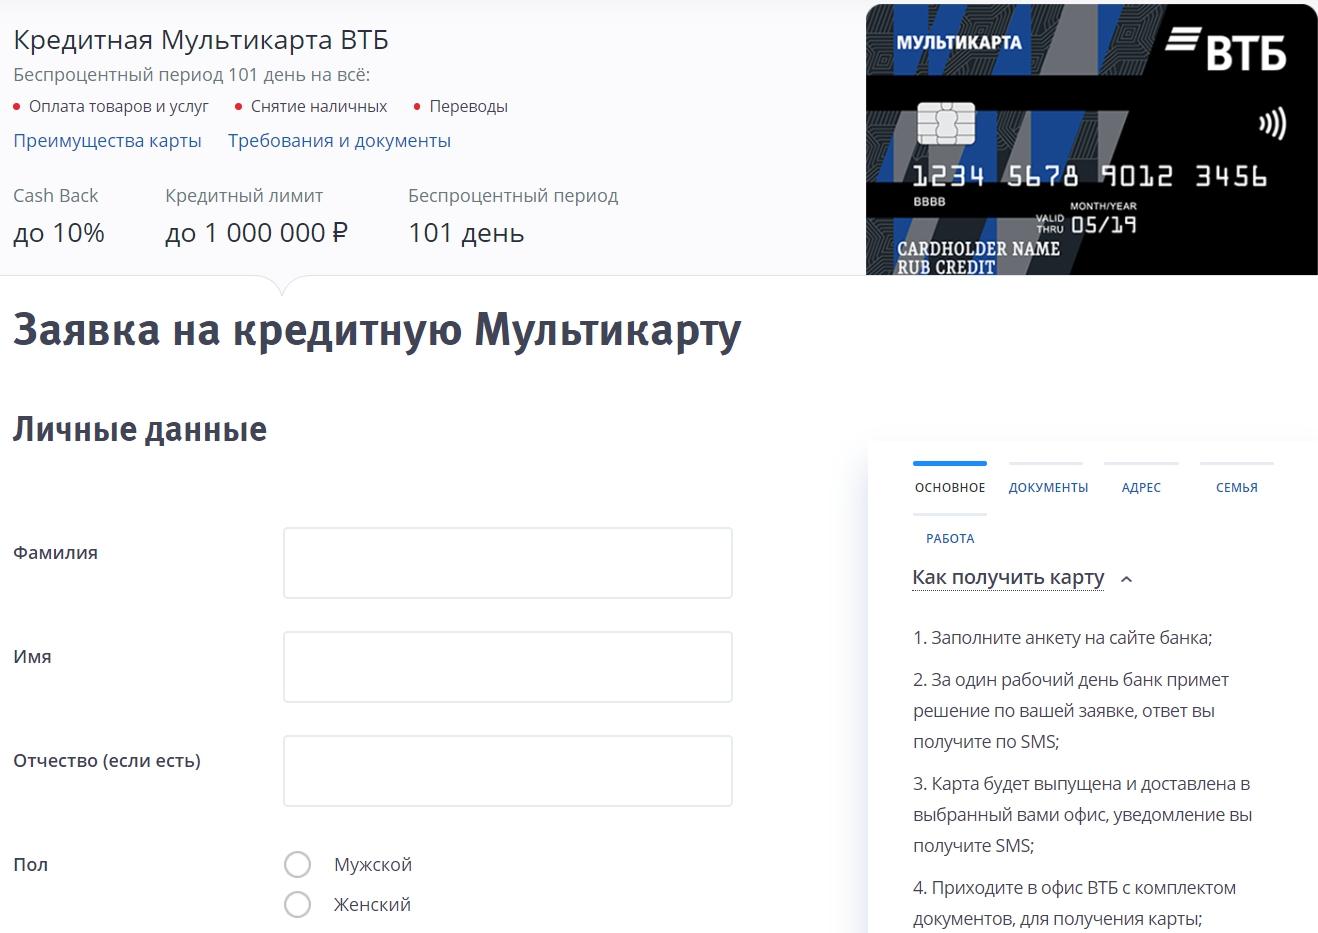 Карта кредит в банк втб 24 онлайн взять кредит только устроившись на работу